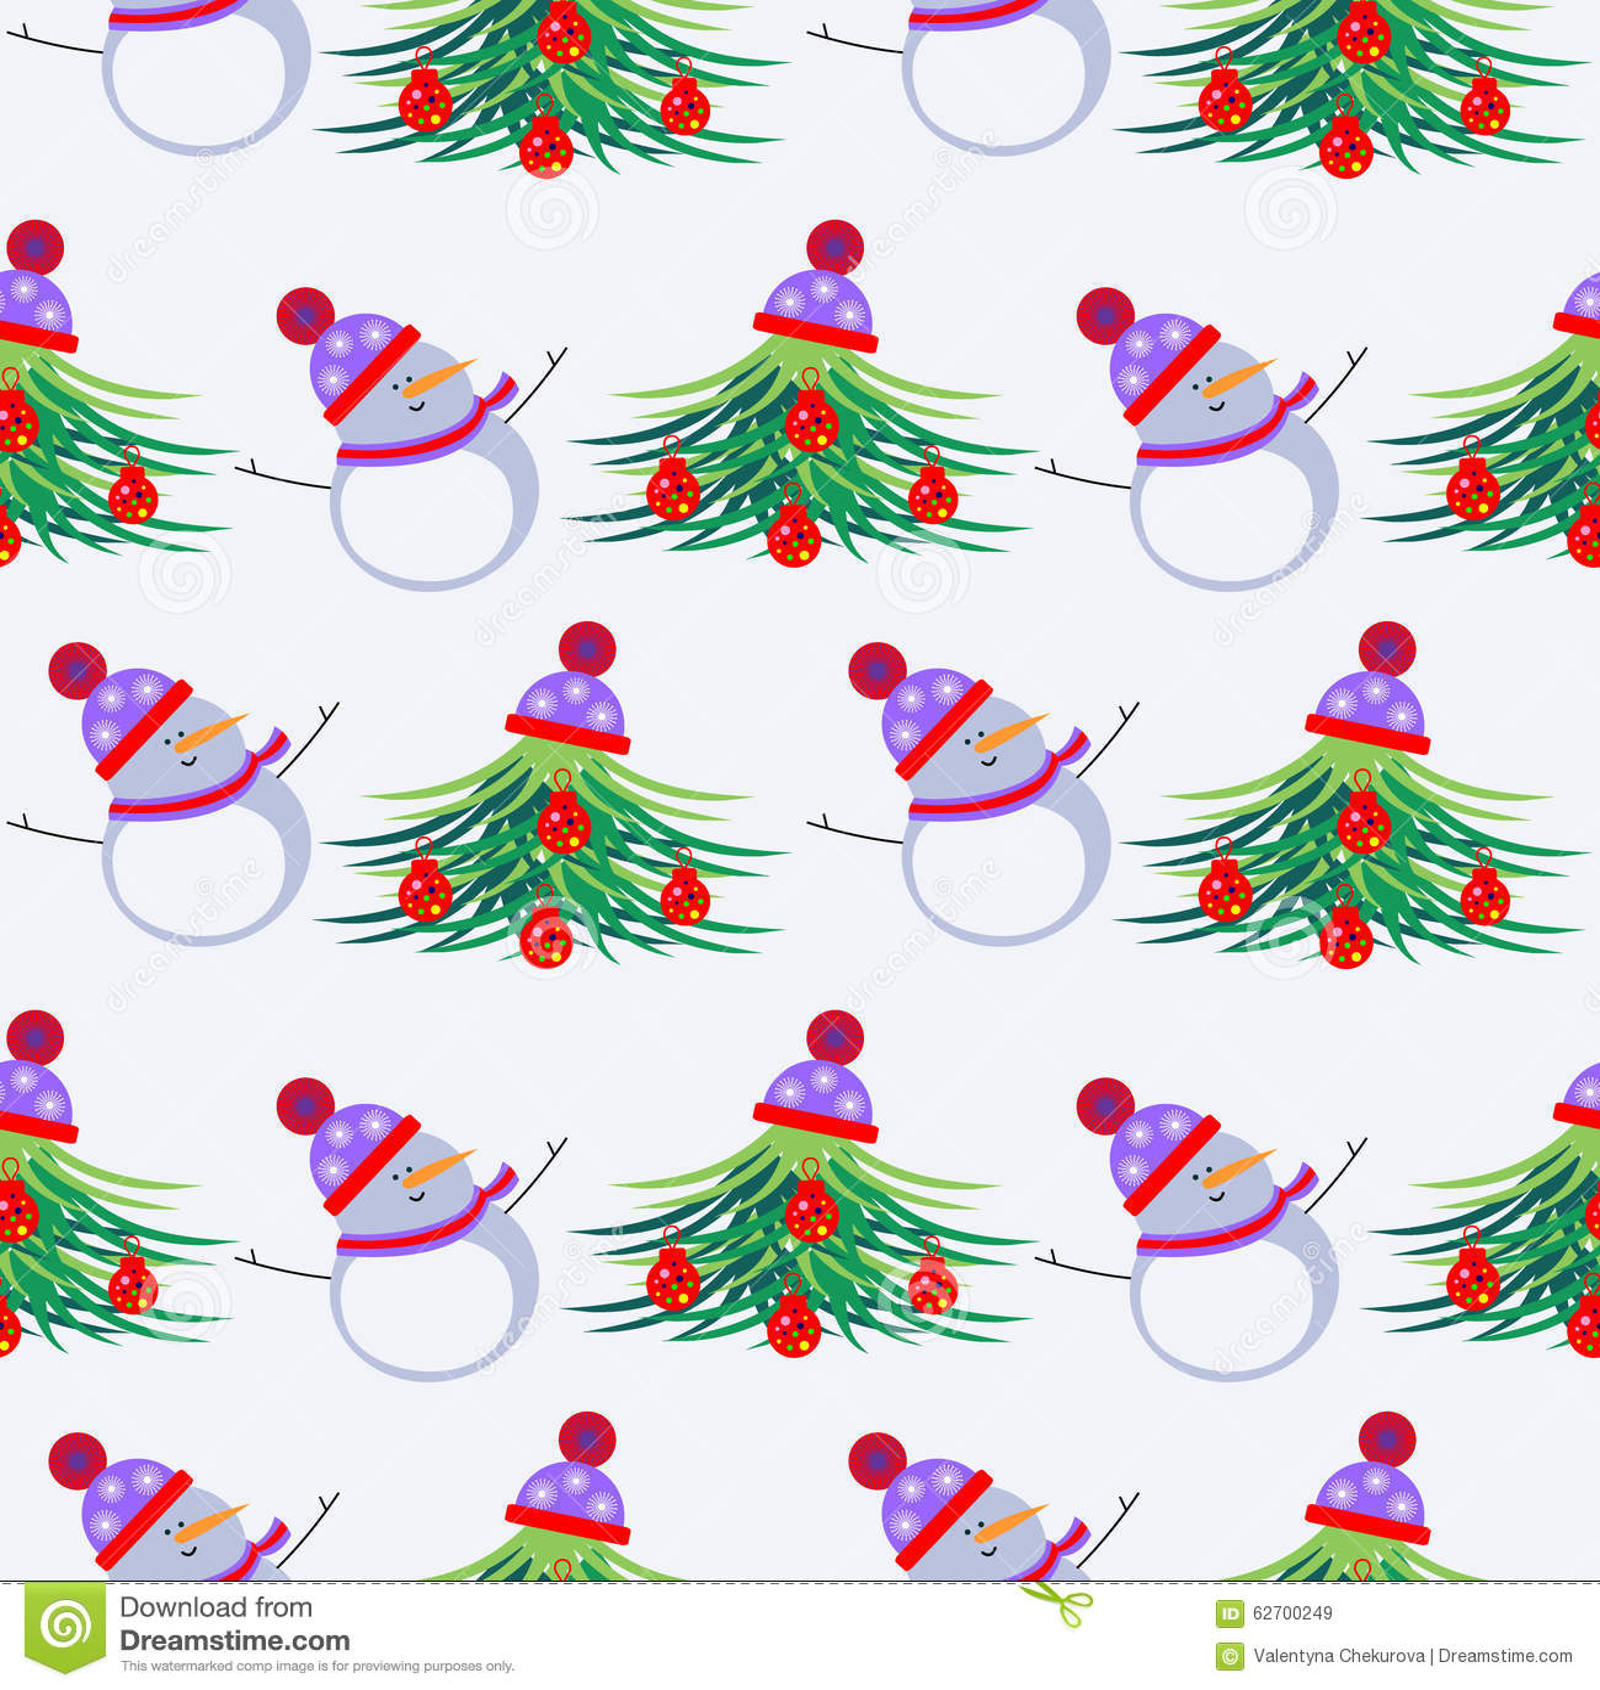 Εποχιακό χειμερινό ελαφρύ υπόβαθρο τους λευκοί χιονανθρώπους και fir-trees, που διακοσμούνται με με τα παιχνίδια Χριστουγέννων κα